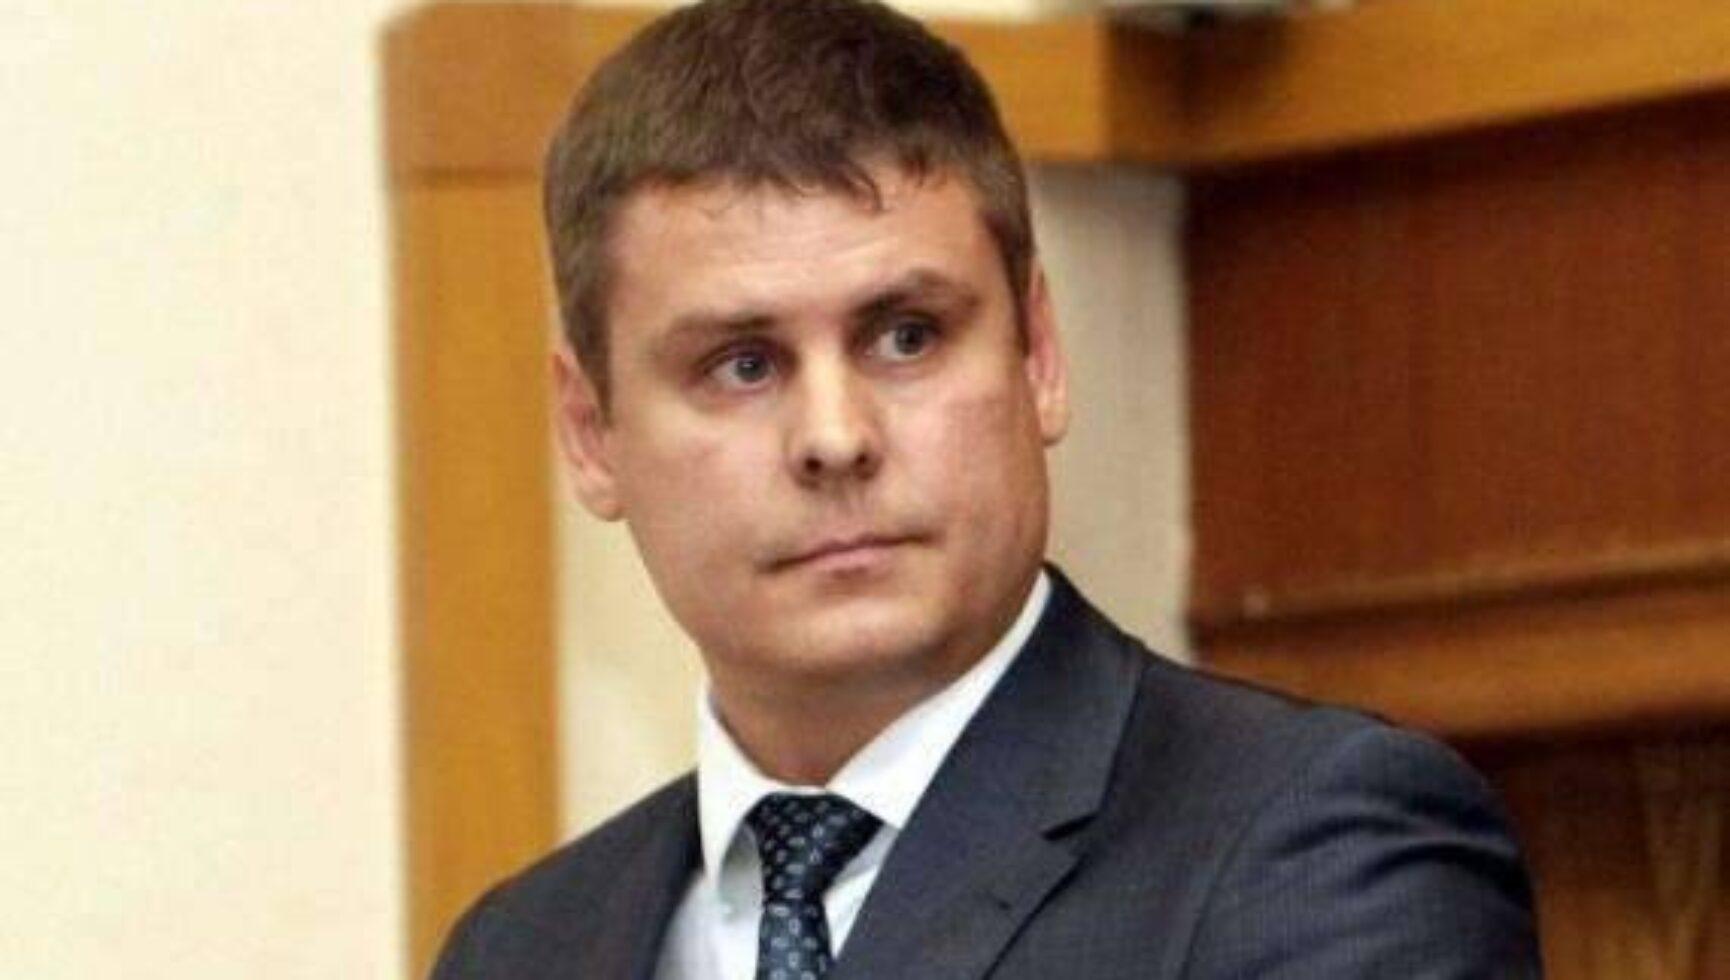 Поздравляем Пишего Сергея Юрьевича, главу администрации муниципального образования Воловский район, с Днем рождения!